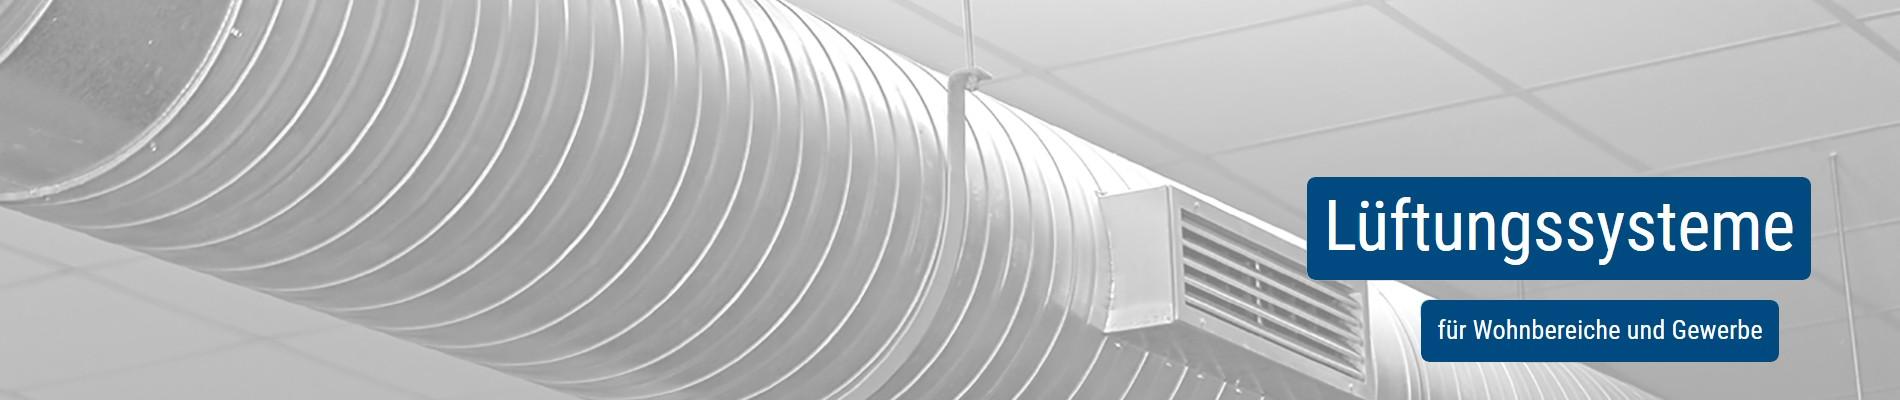 Lüftungssystem - Ventilatoren für Wohnbereiche, Gewerbe und Industrie